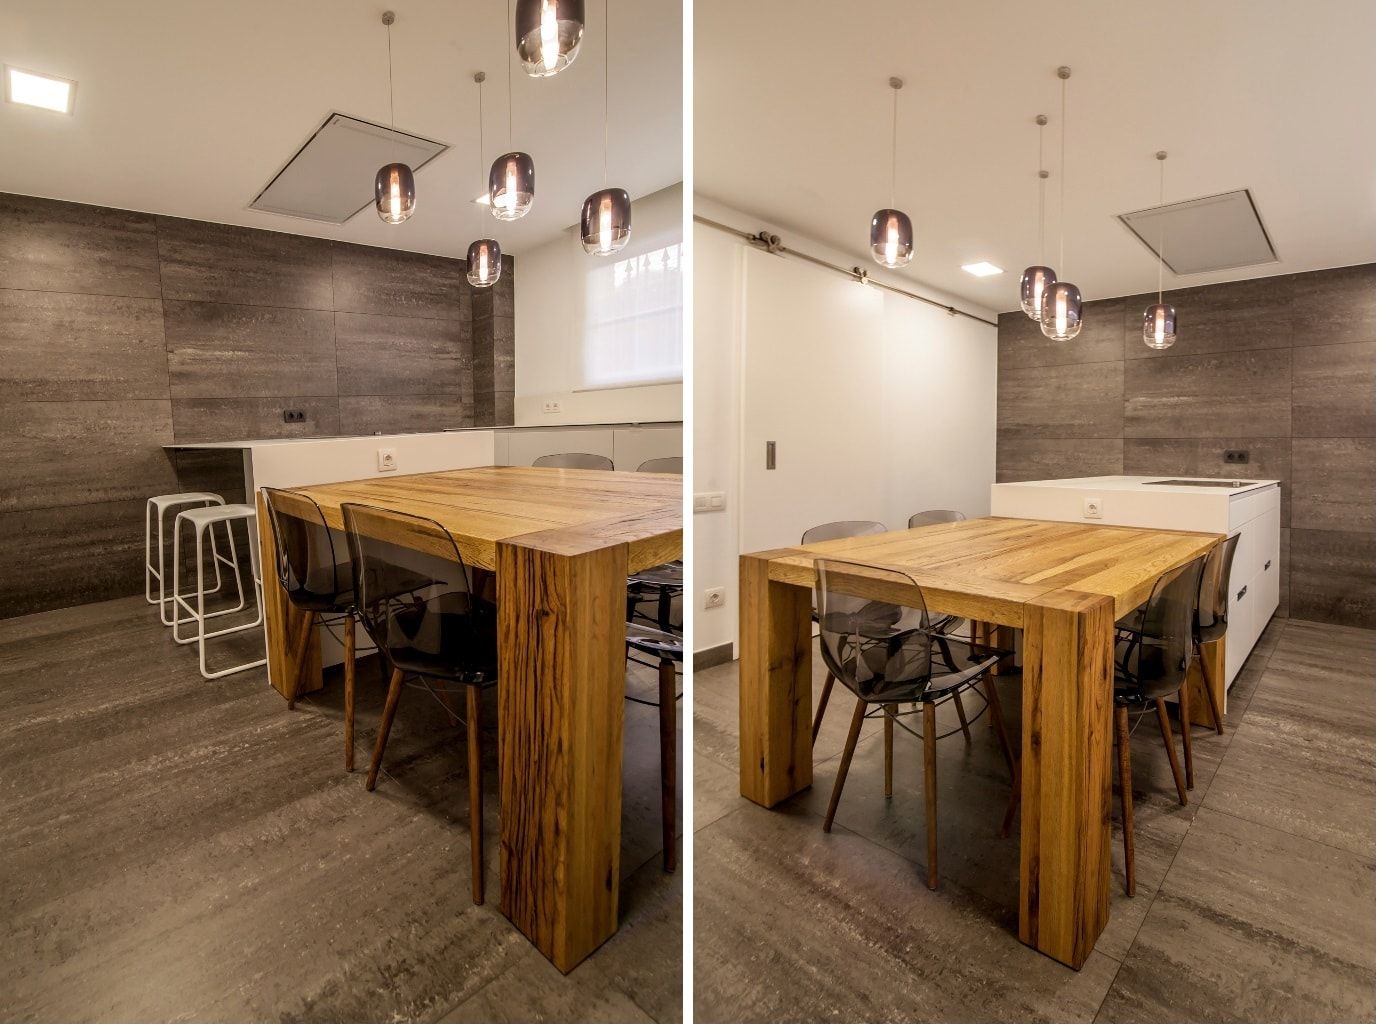 Mesas de madera un complemento ideal para las cocinas for Mesas de cocina blancas